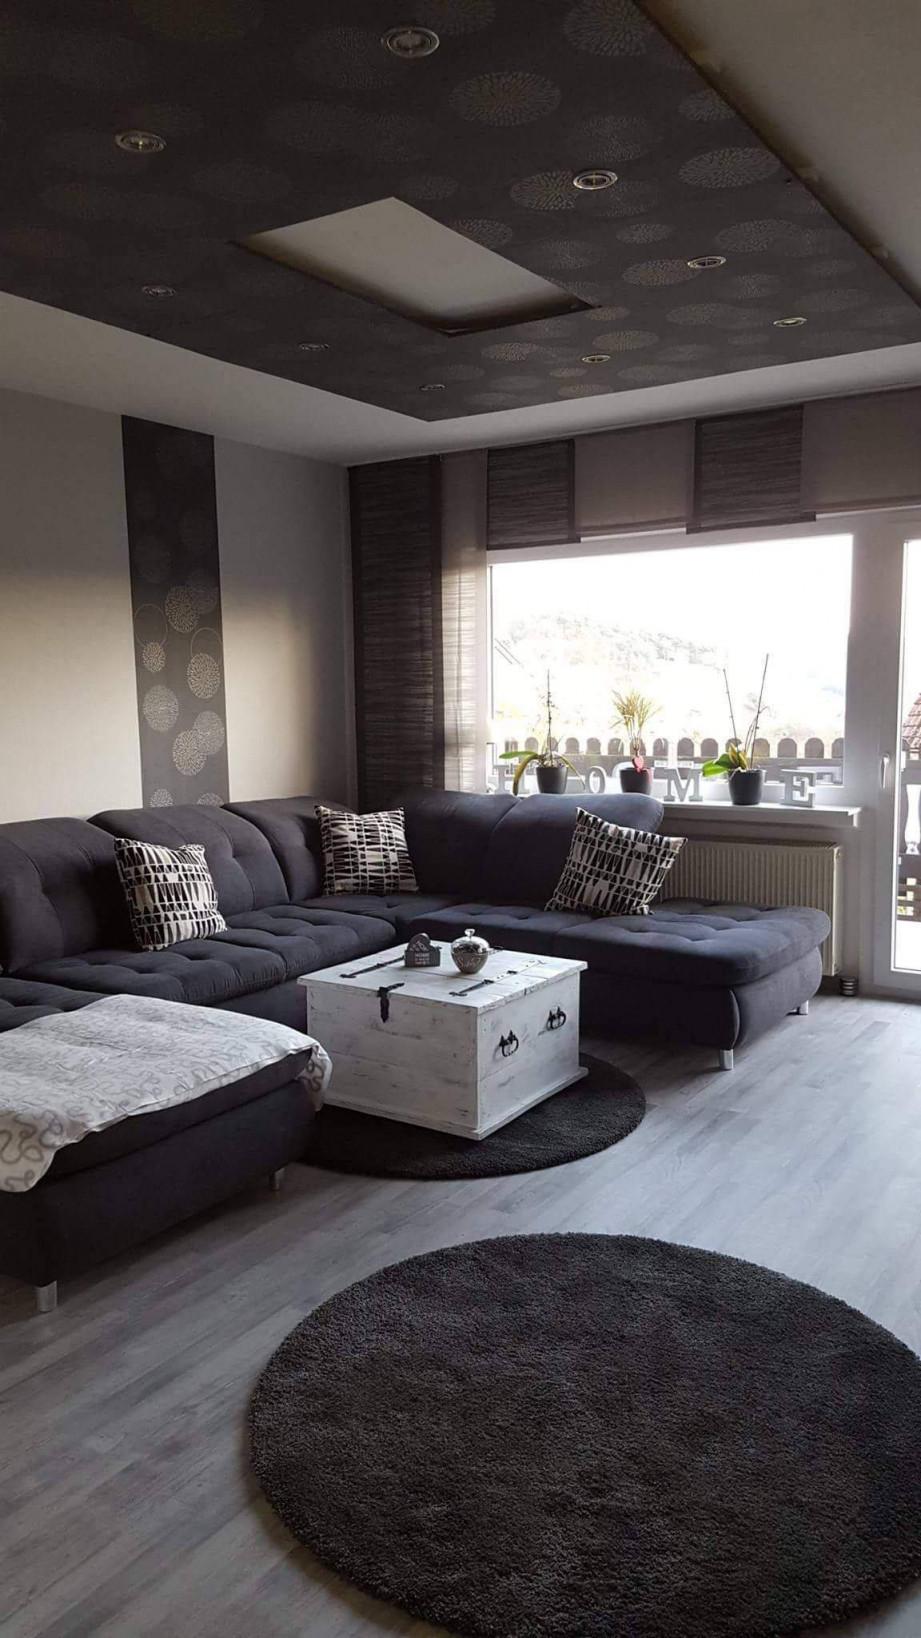 Großes Wohnzimmer Einrichten Reizend Wohnzimmer Ideen Grau von Großes Wohnzimmer Modern Einrichten Photo